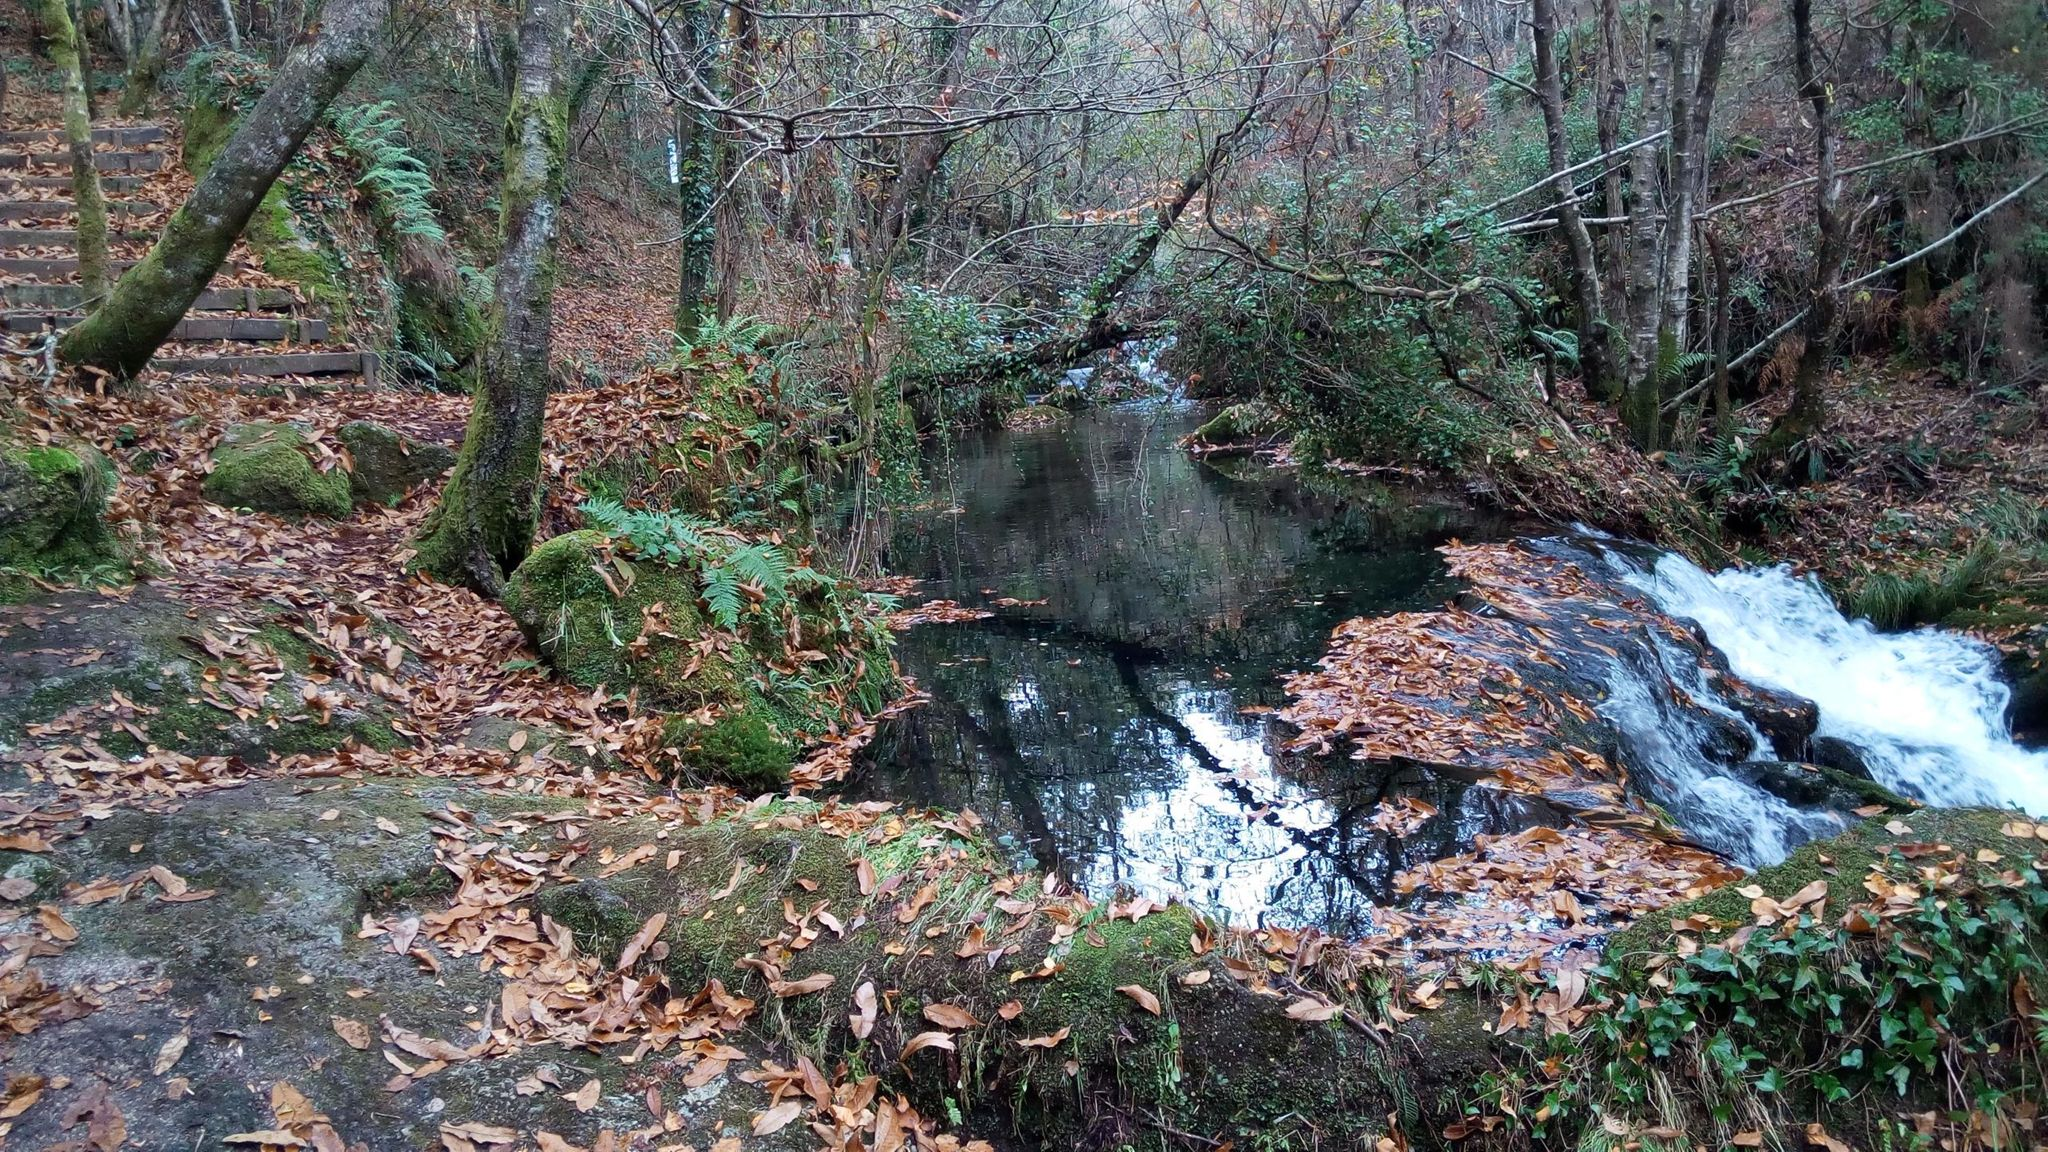 río Sesín, parque etnográfico. km 18.5